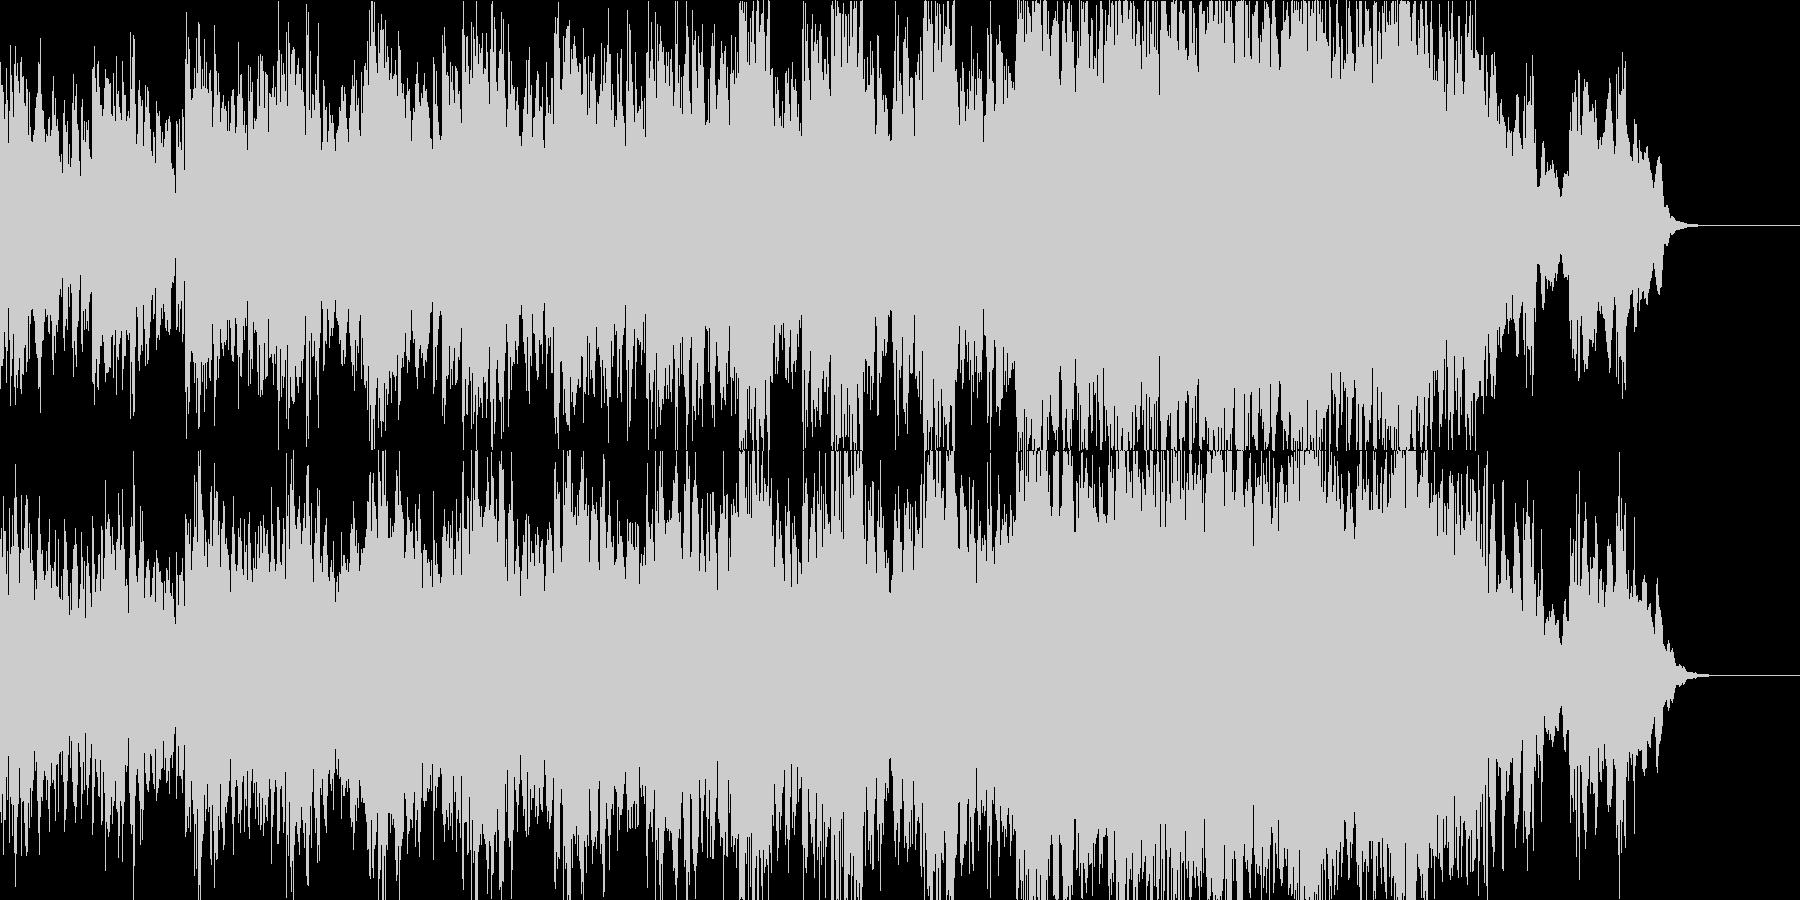 ハリウッドSF映画イメージのインストの未再生の波形